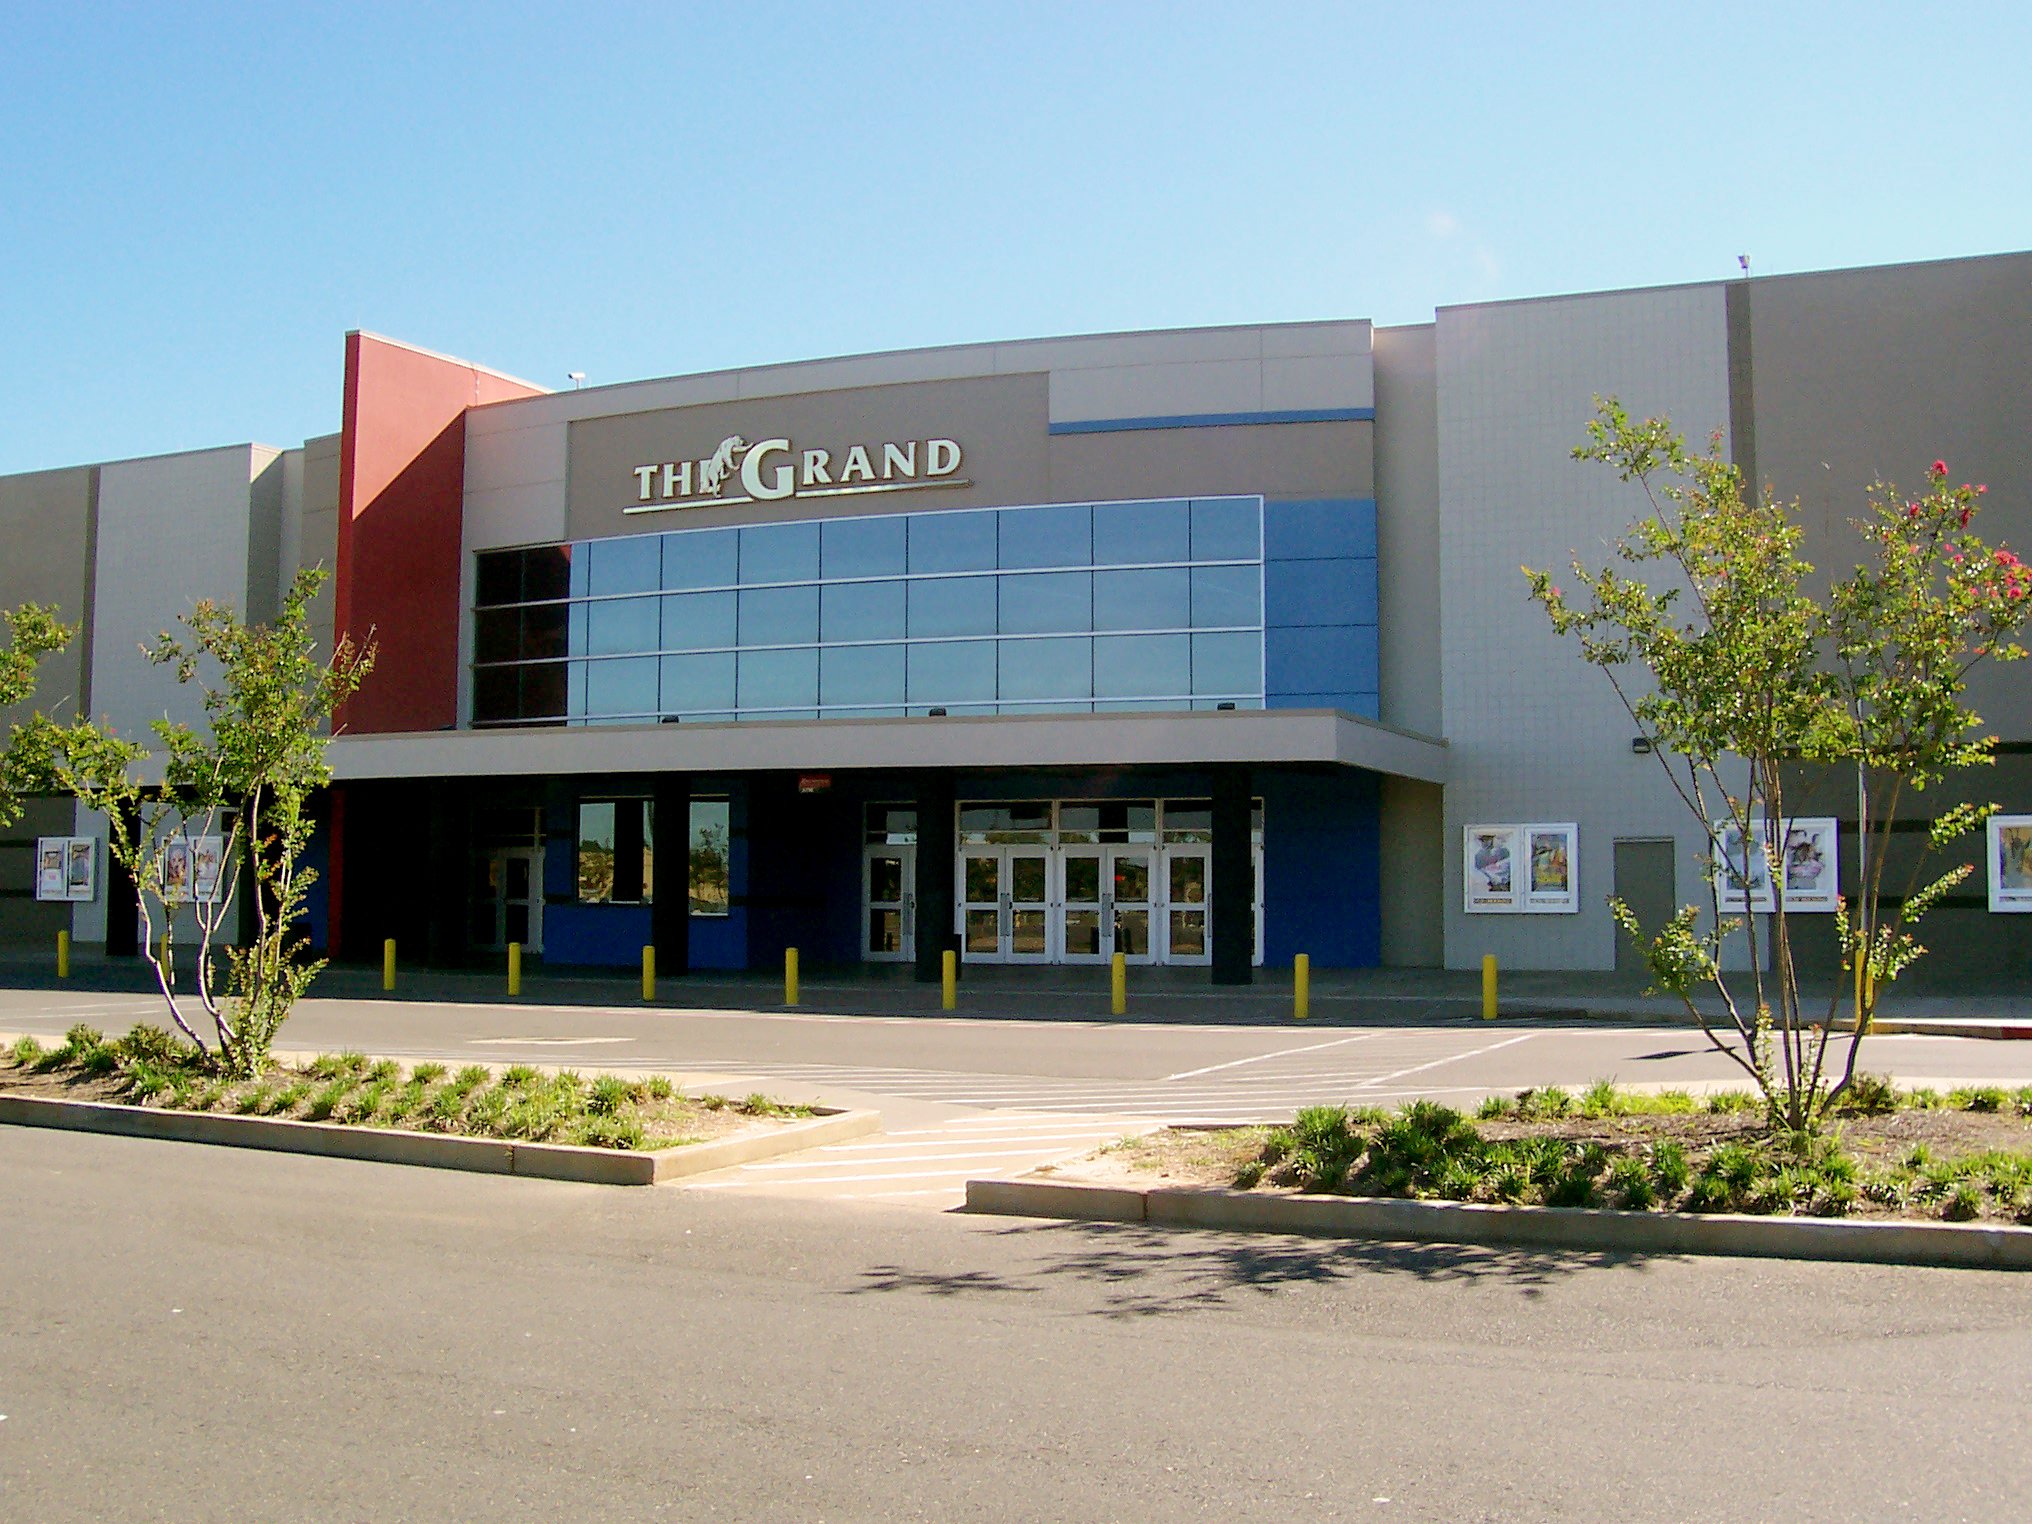 The Grand 14 Alexandria La 71301 Yp Com